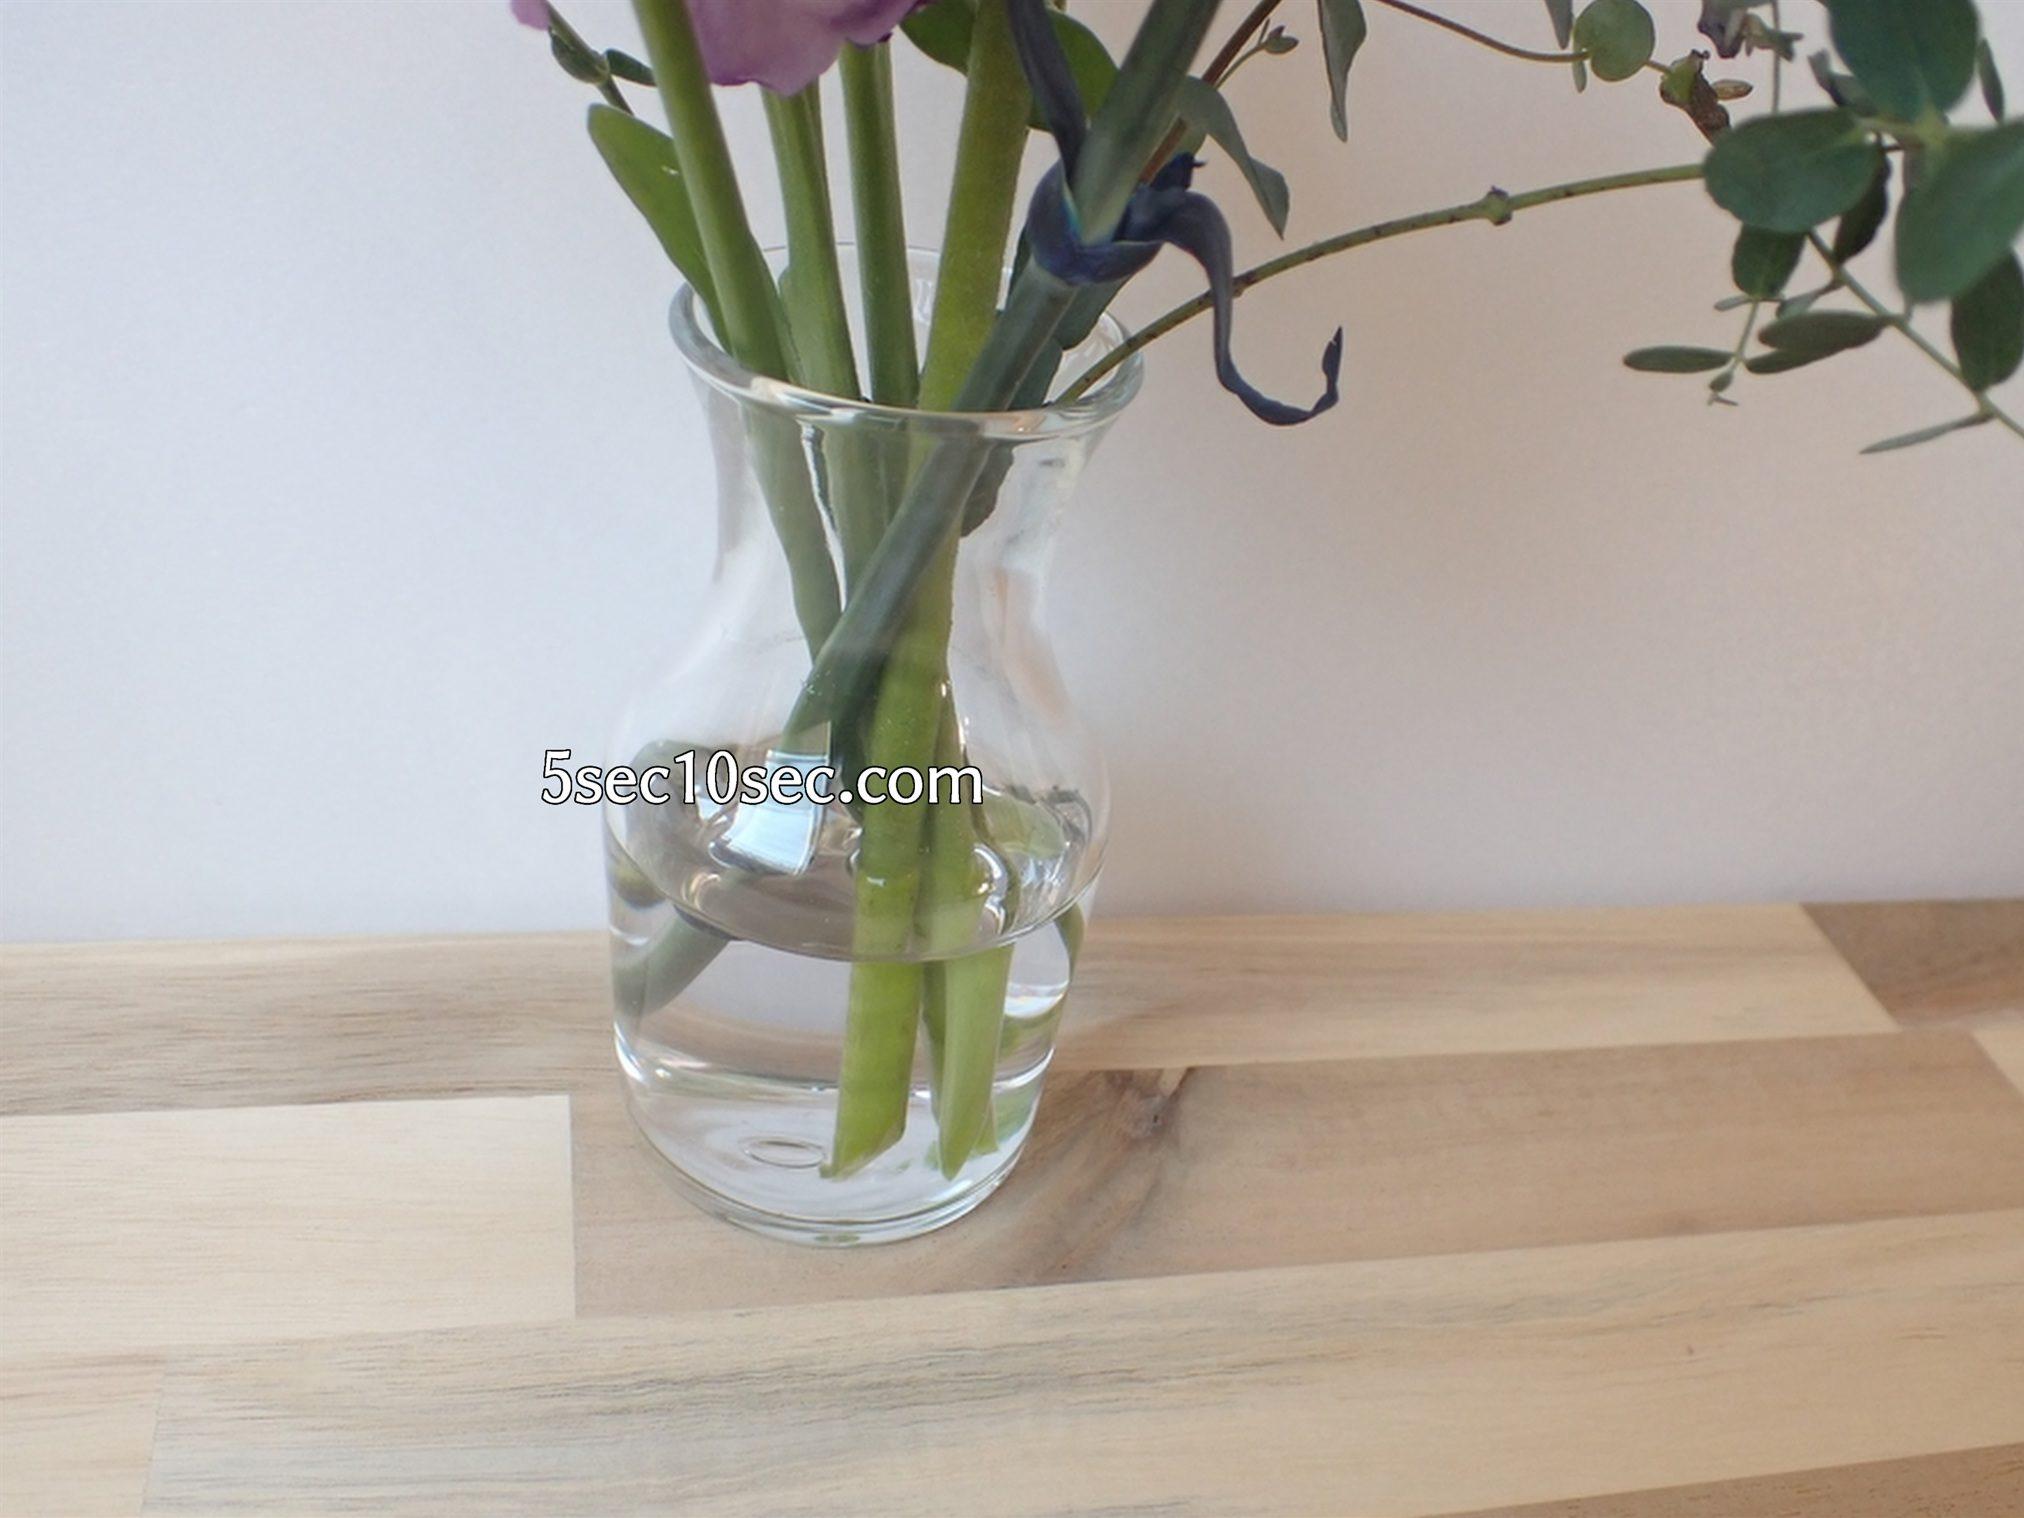 株式会社Crunch Style お花の定期便 Bloomee LIFE ブルーミーライフ 800円のレギュラープラン お花のお手入れ、お世話、お花の栄養剤が足りない時にはどうしたら良いのか